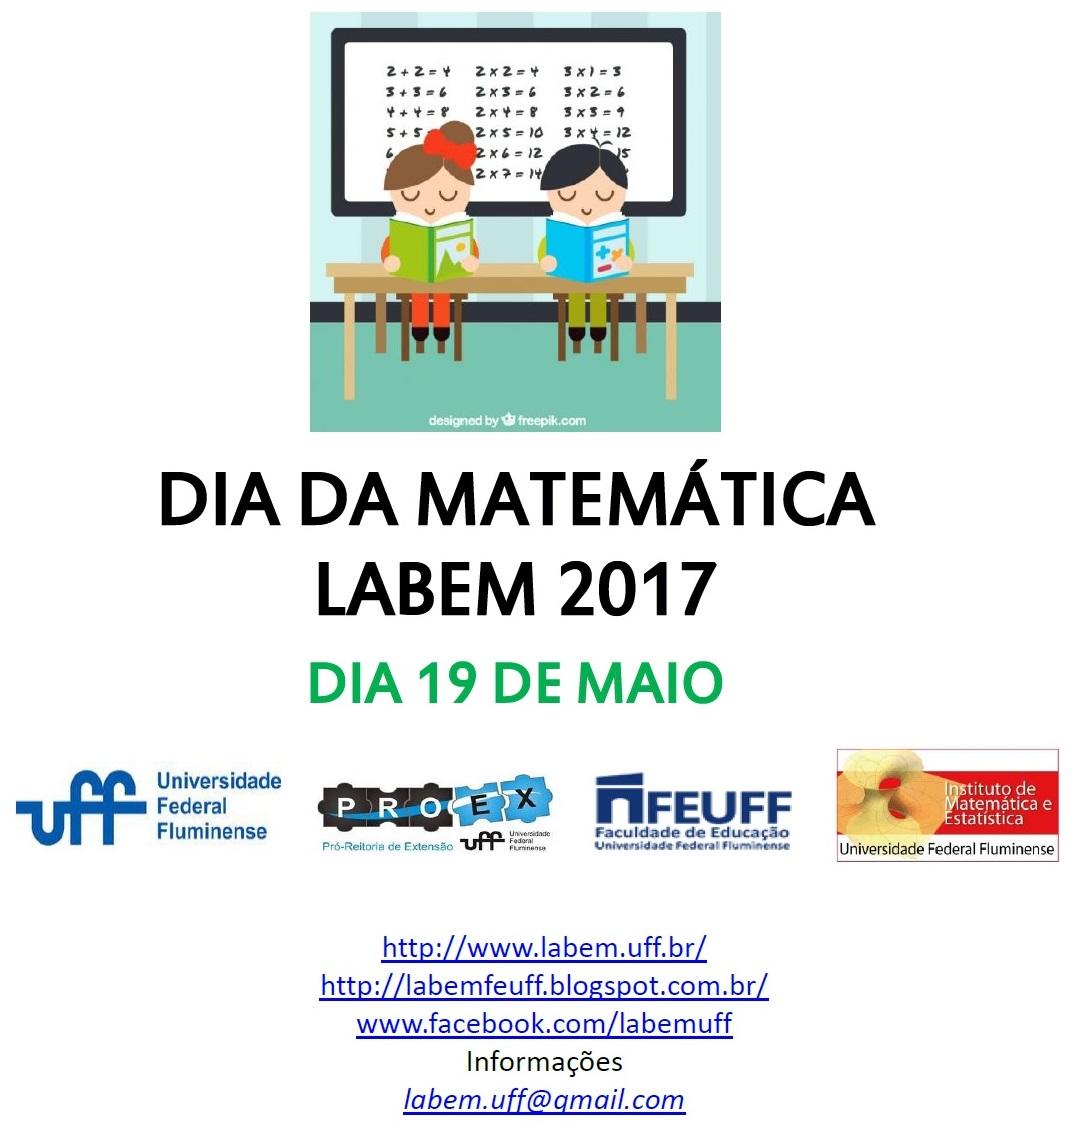 DIA DA MATEMÁTICA 2017